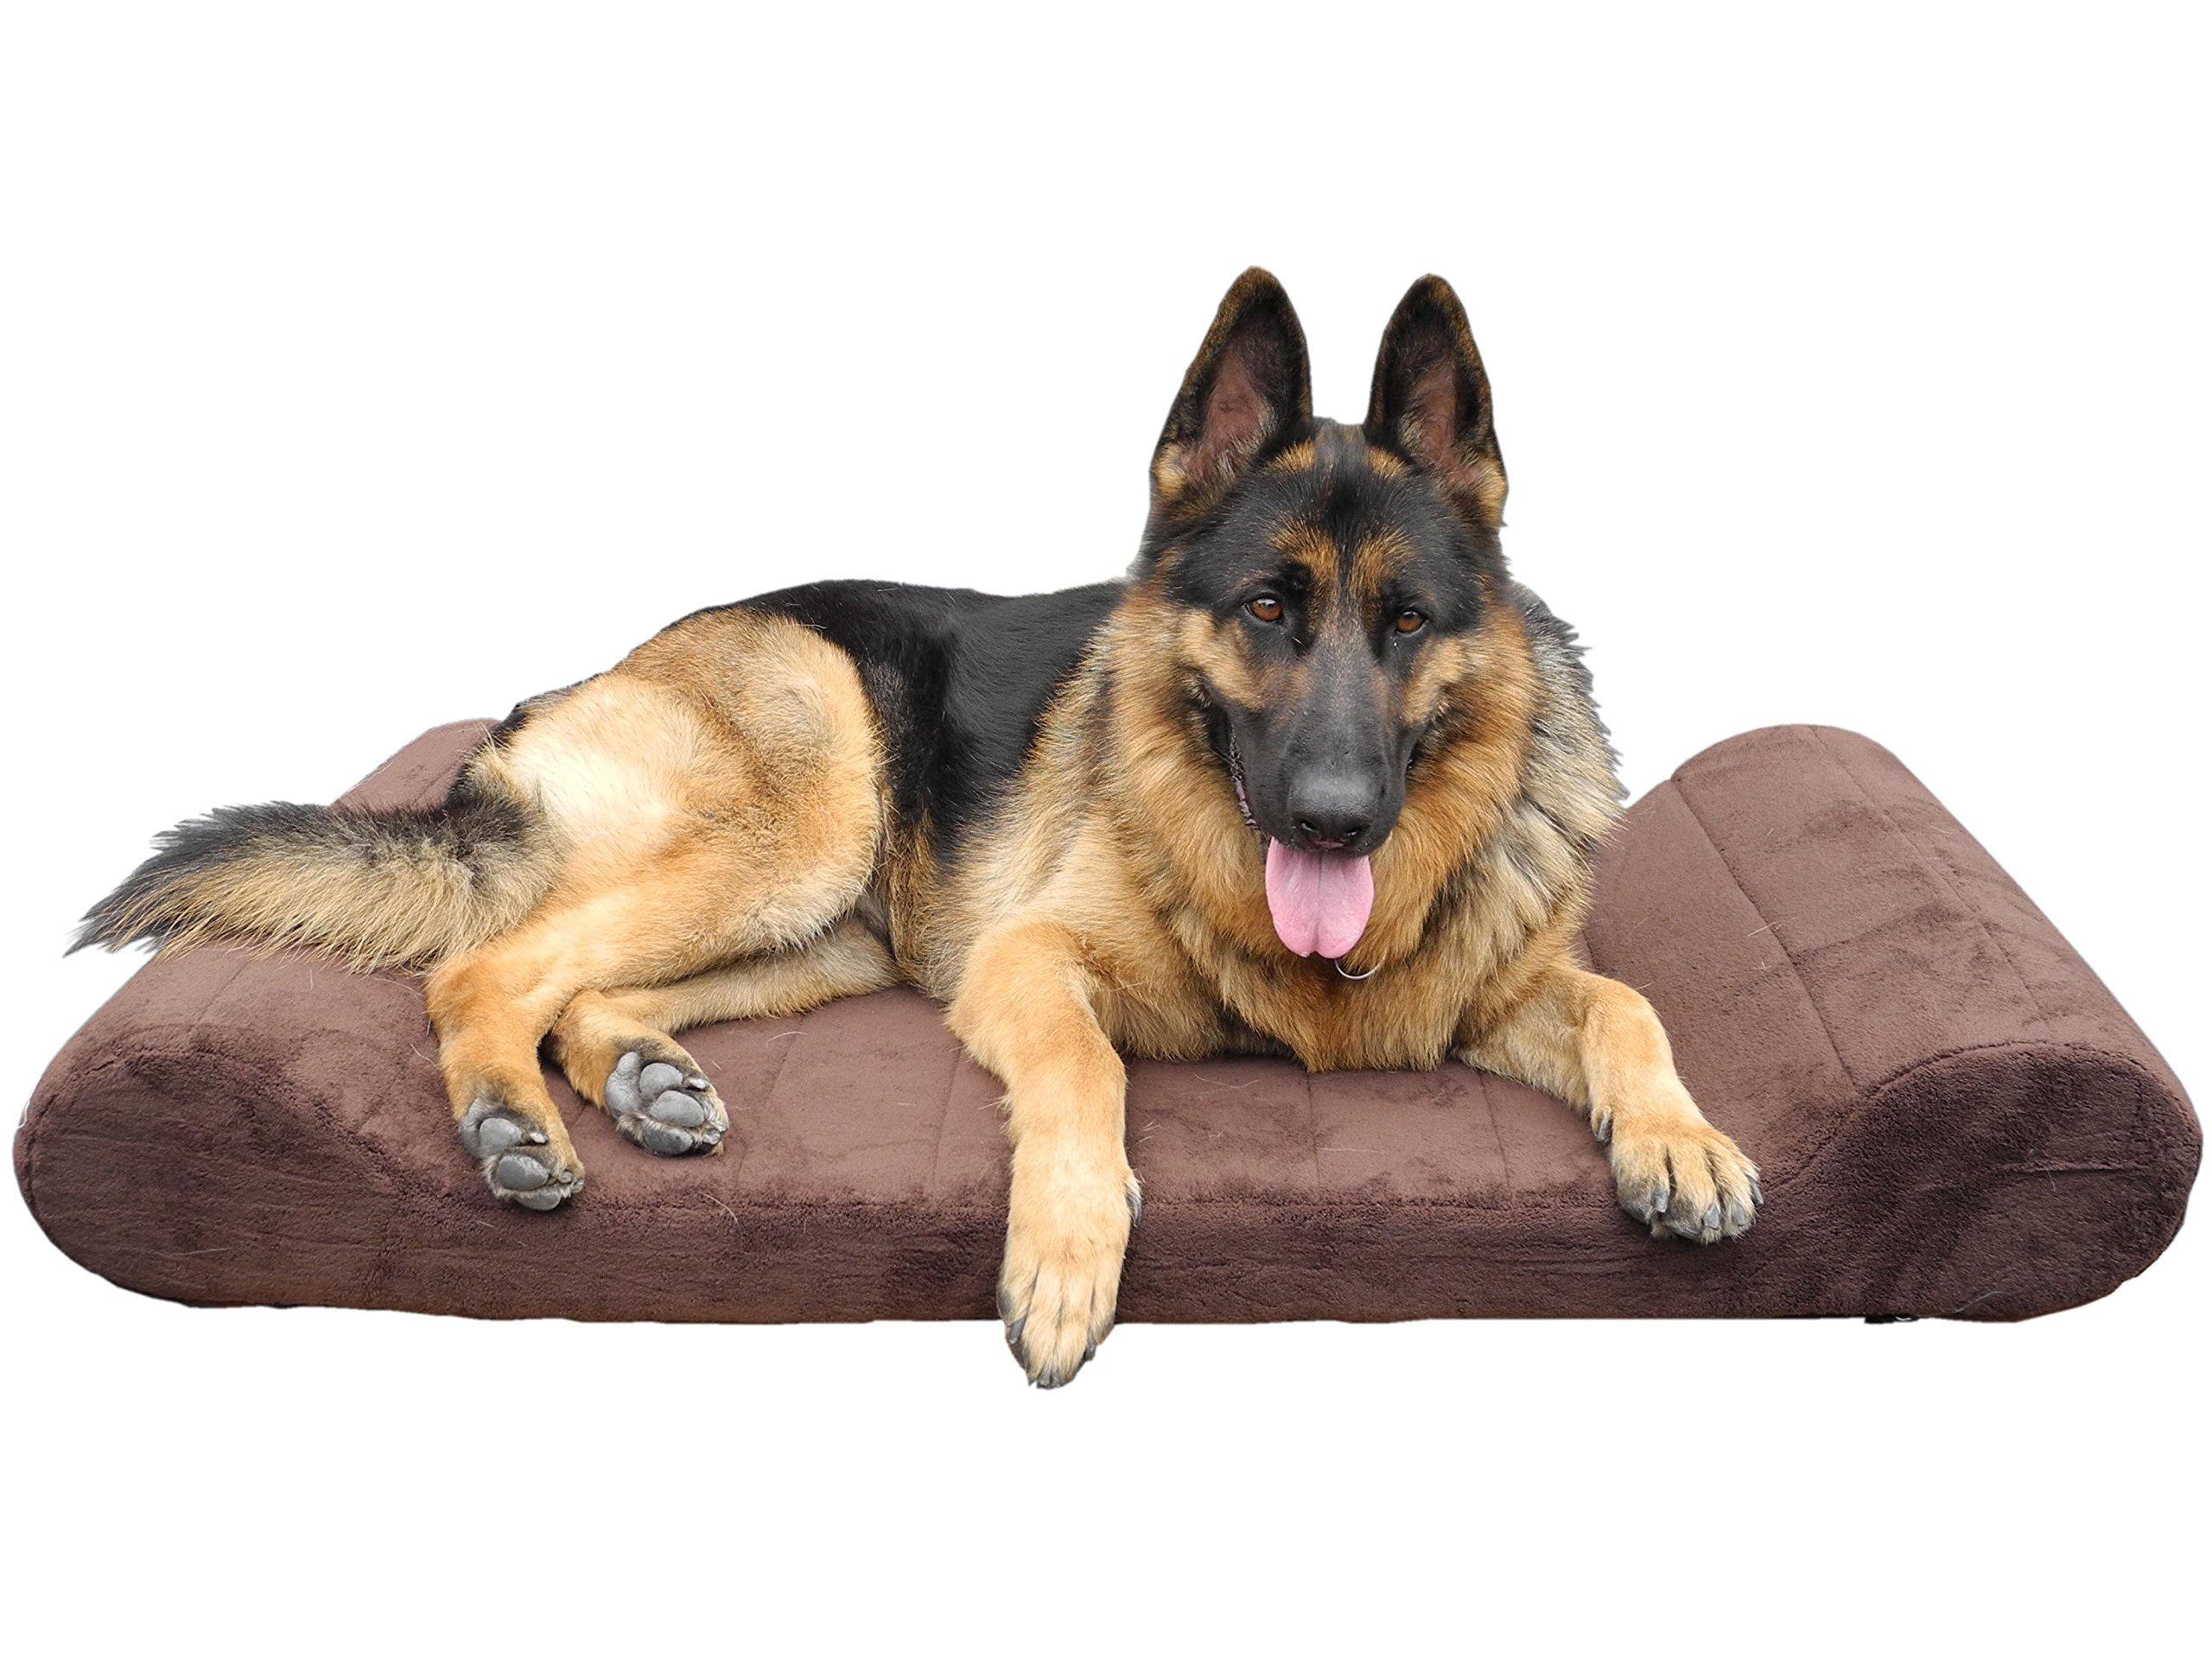 Go Pet Club HH-34 Pet Sofa, Brown